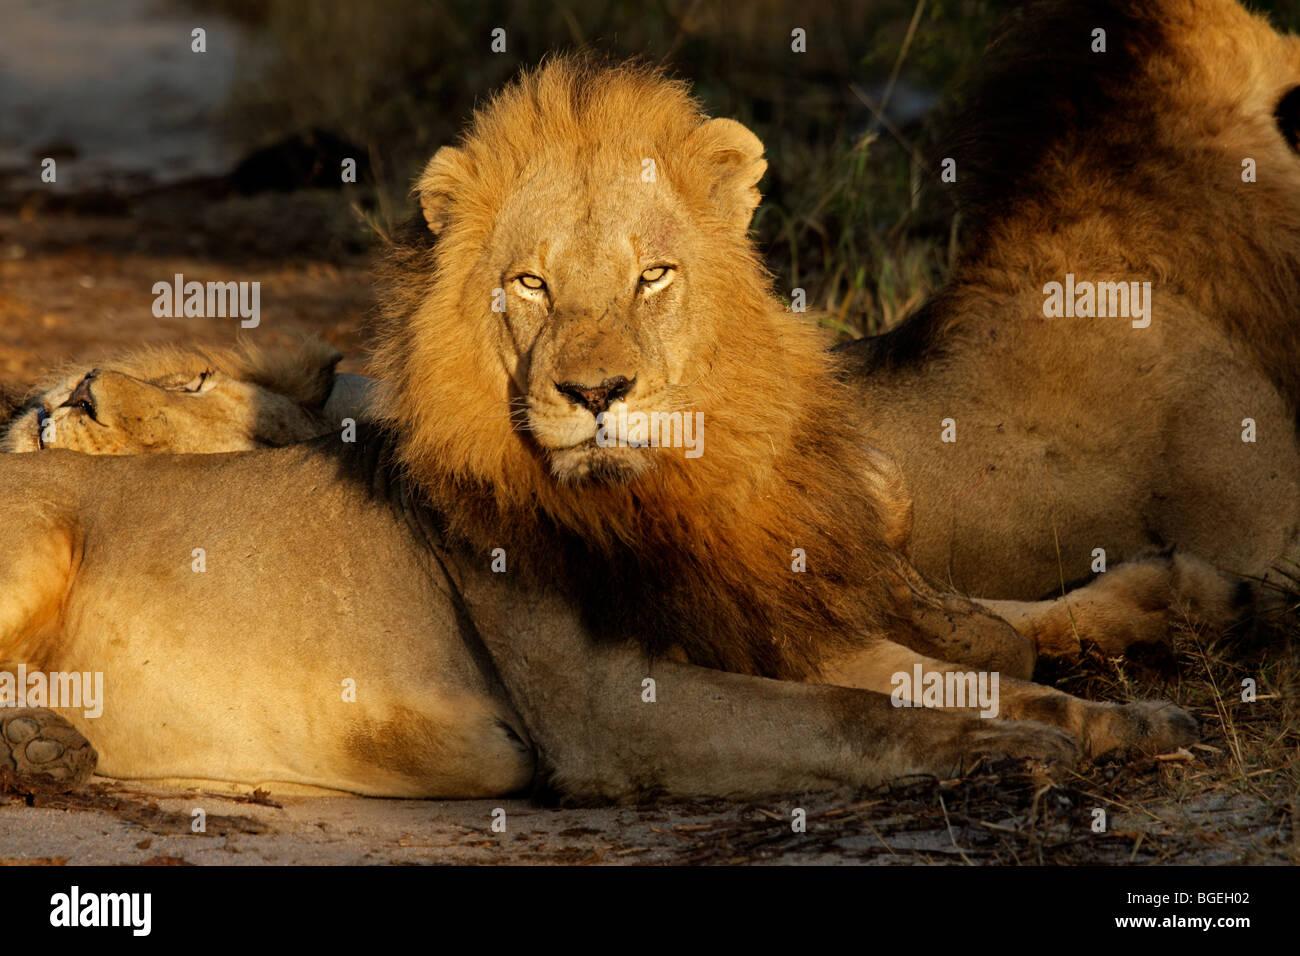 Retrato de un gran macho león africano (Panthera leo), el Parque Nacional Kruger, Sudáfrica Imagen De Stock